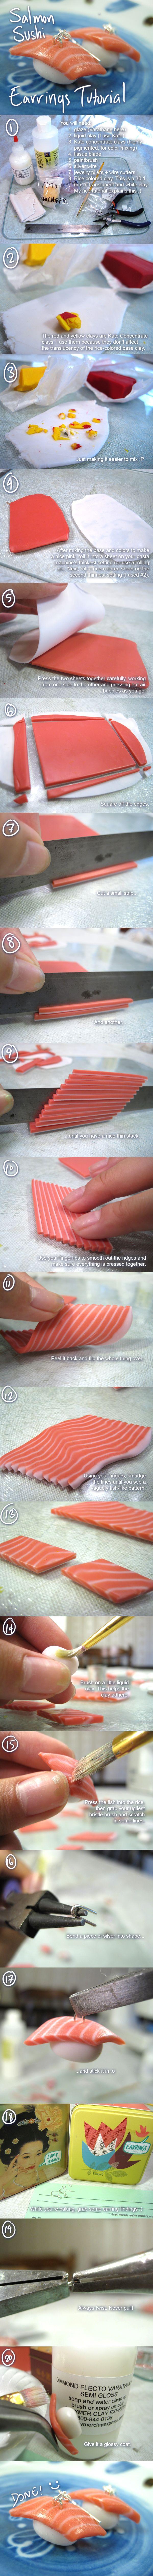 Turorial : How to make salmon sushi polymer clay / Tutoriel : Réaliser du saumon pour sushi en pâte polymère source : lava-tomato en vidéo :